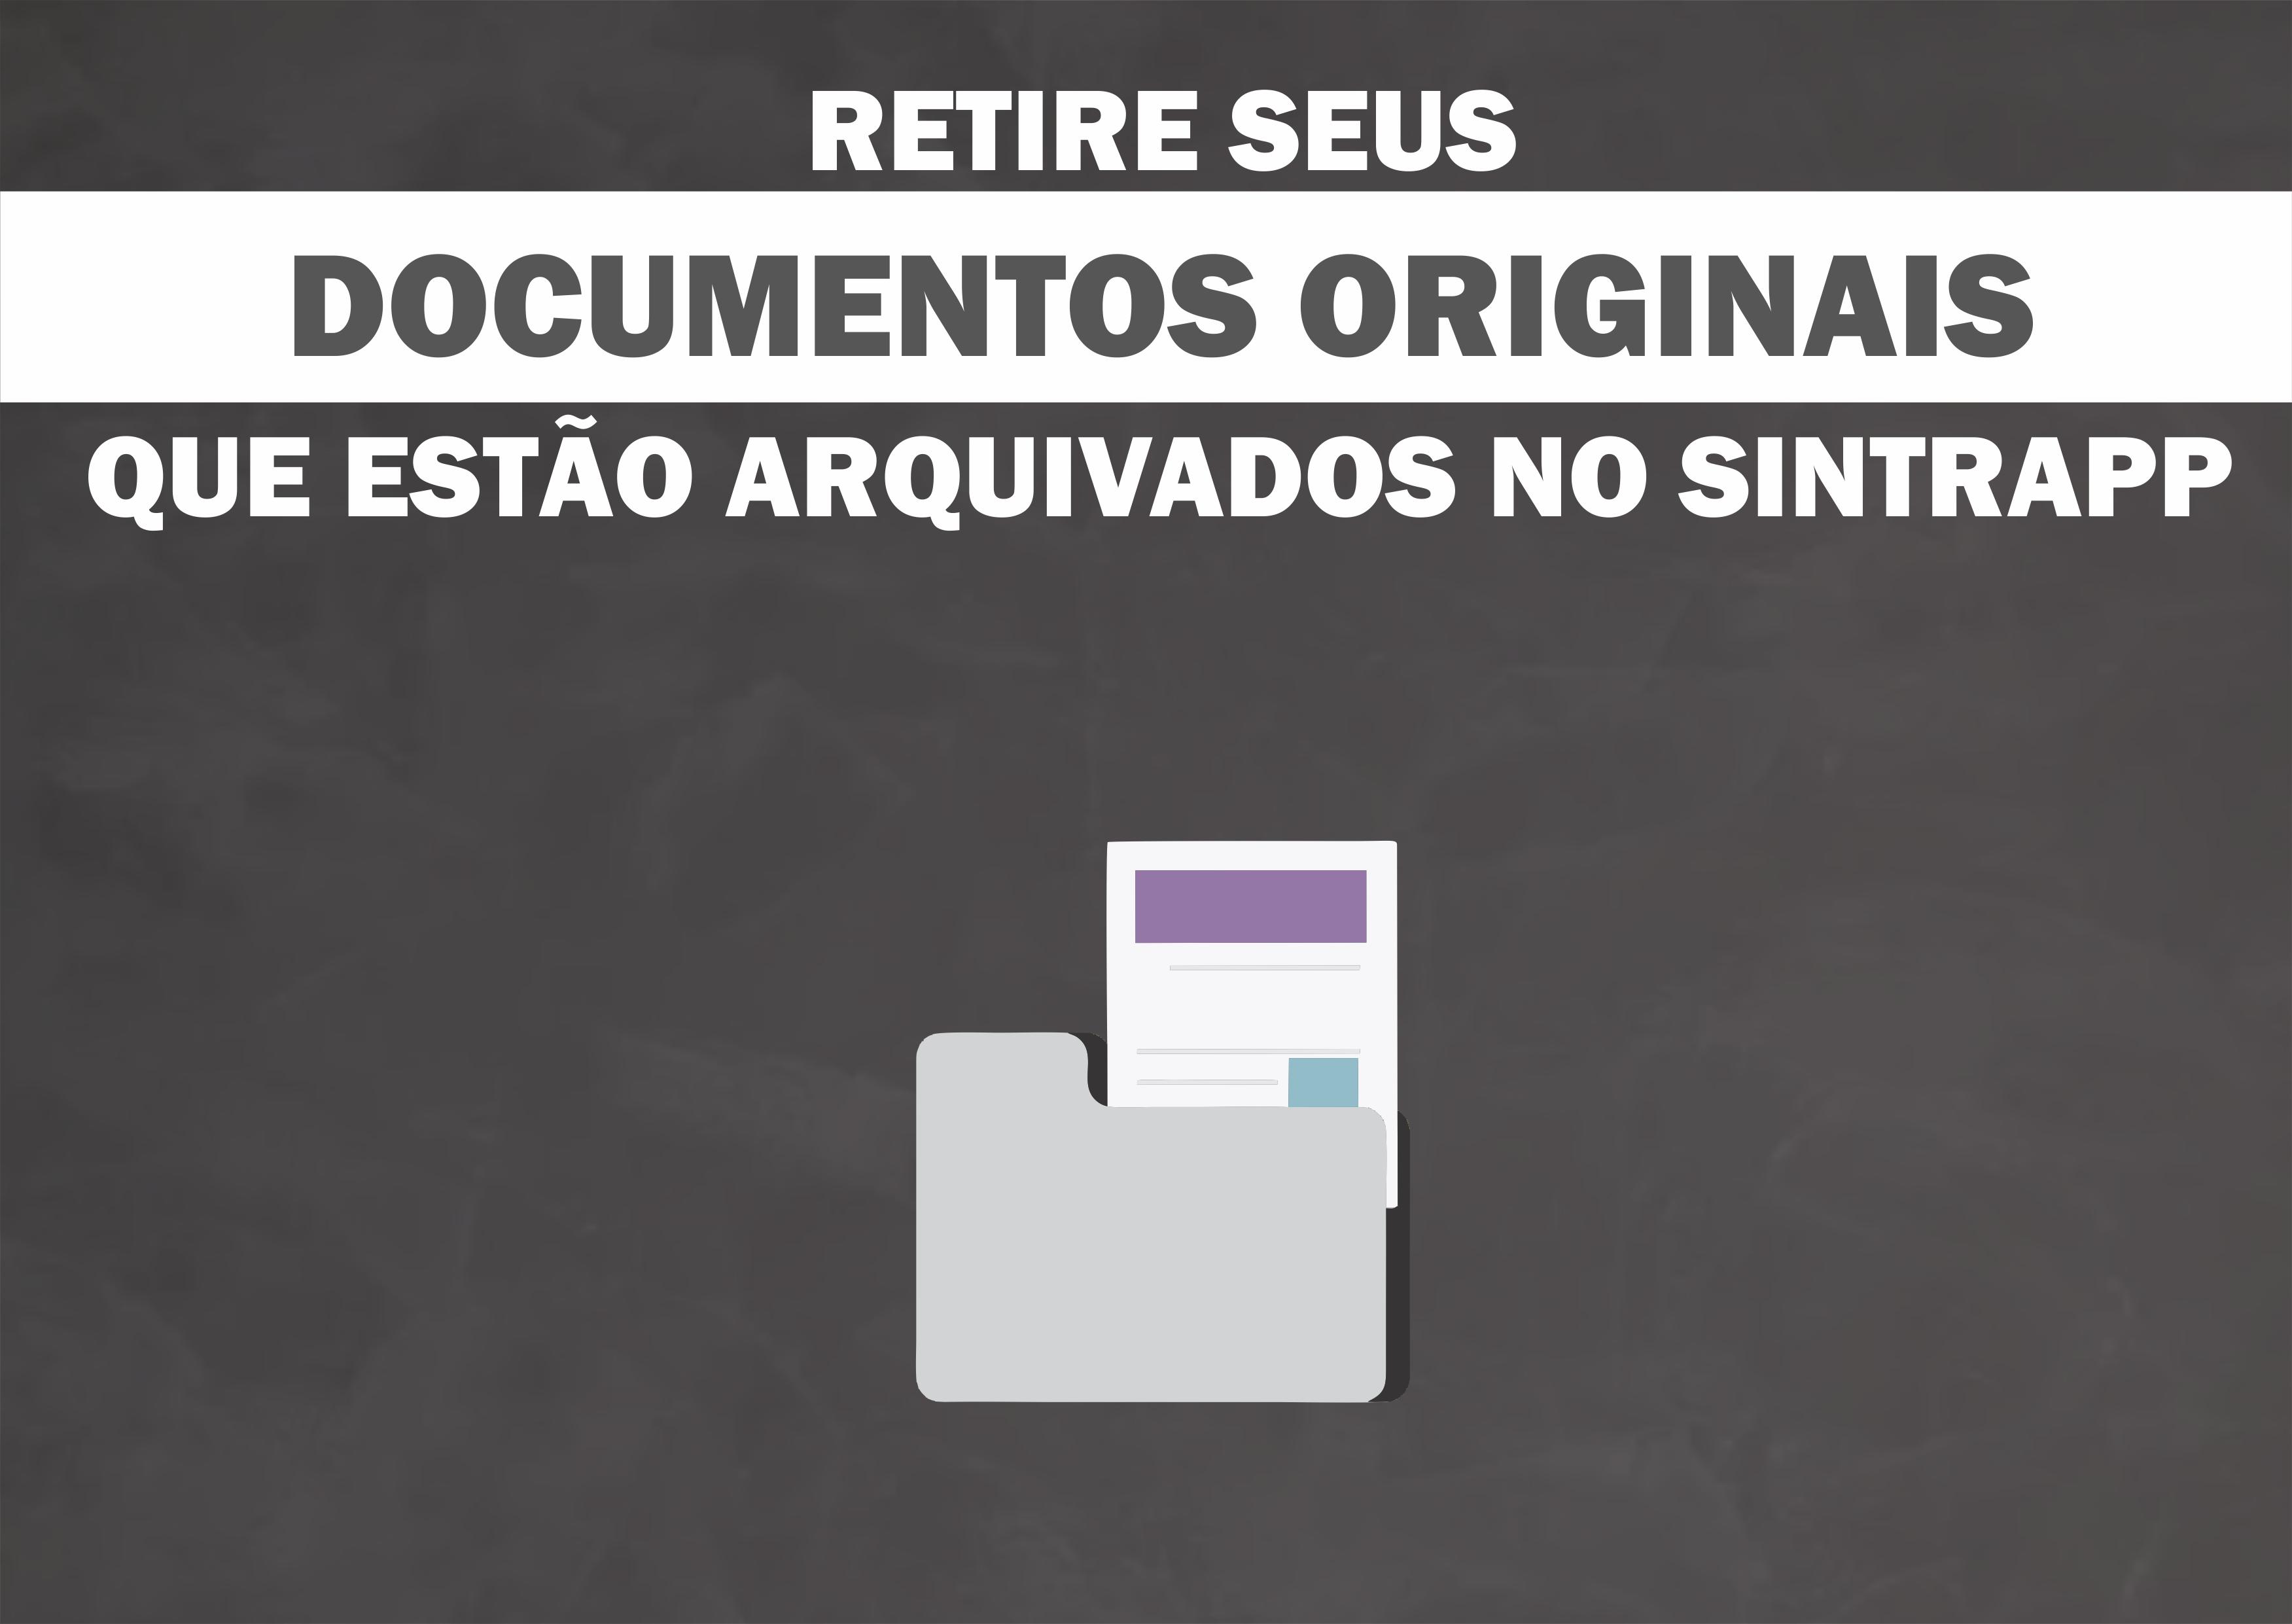 Mais de 300 filiados precisam retirar documentos originais no Sintrapp